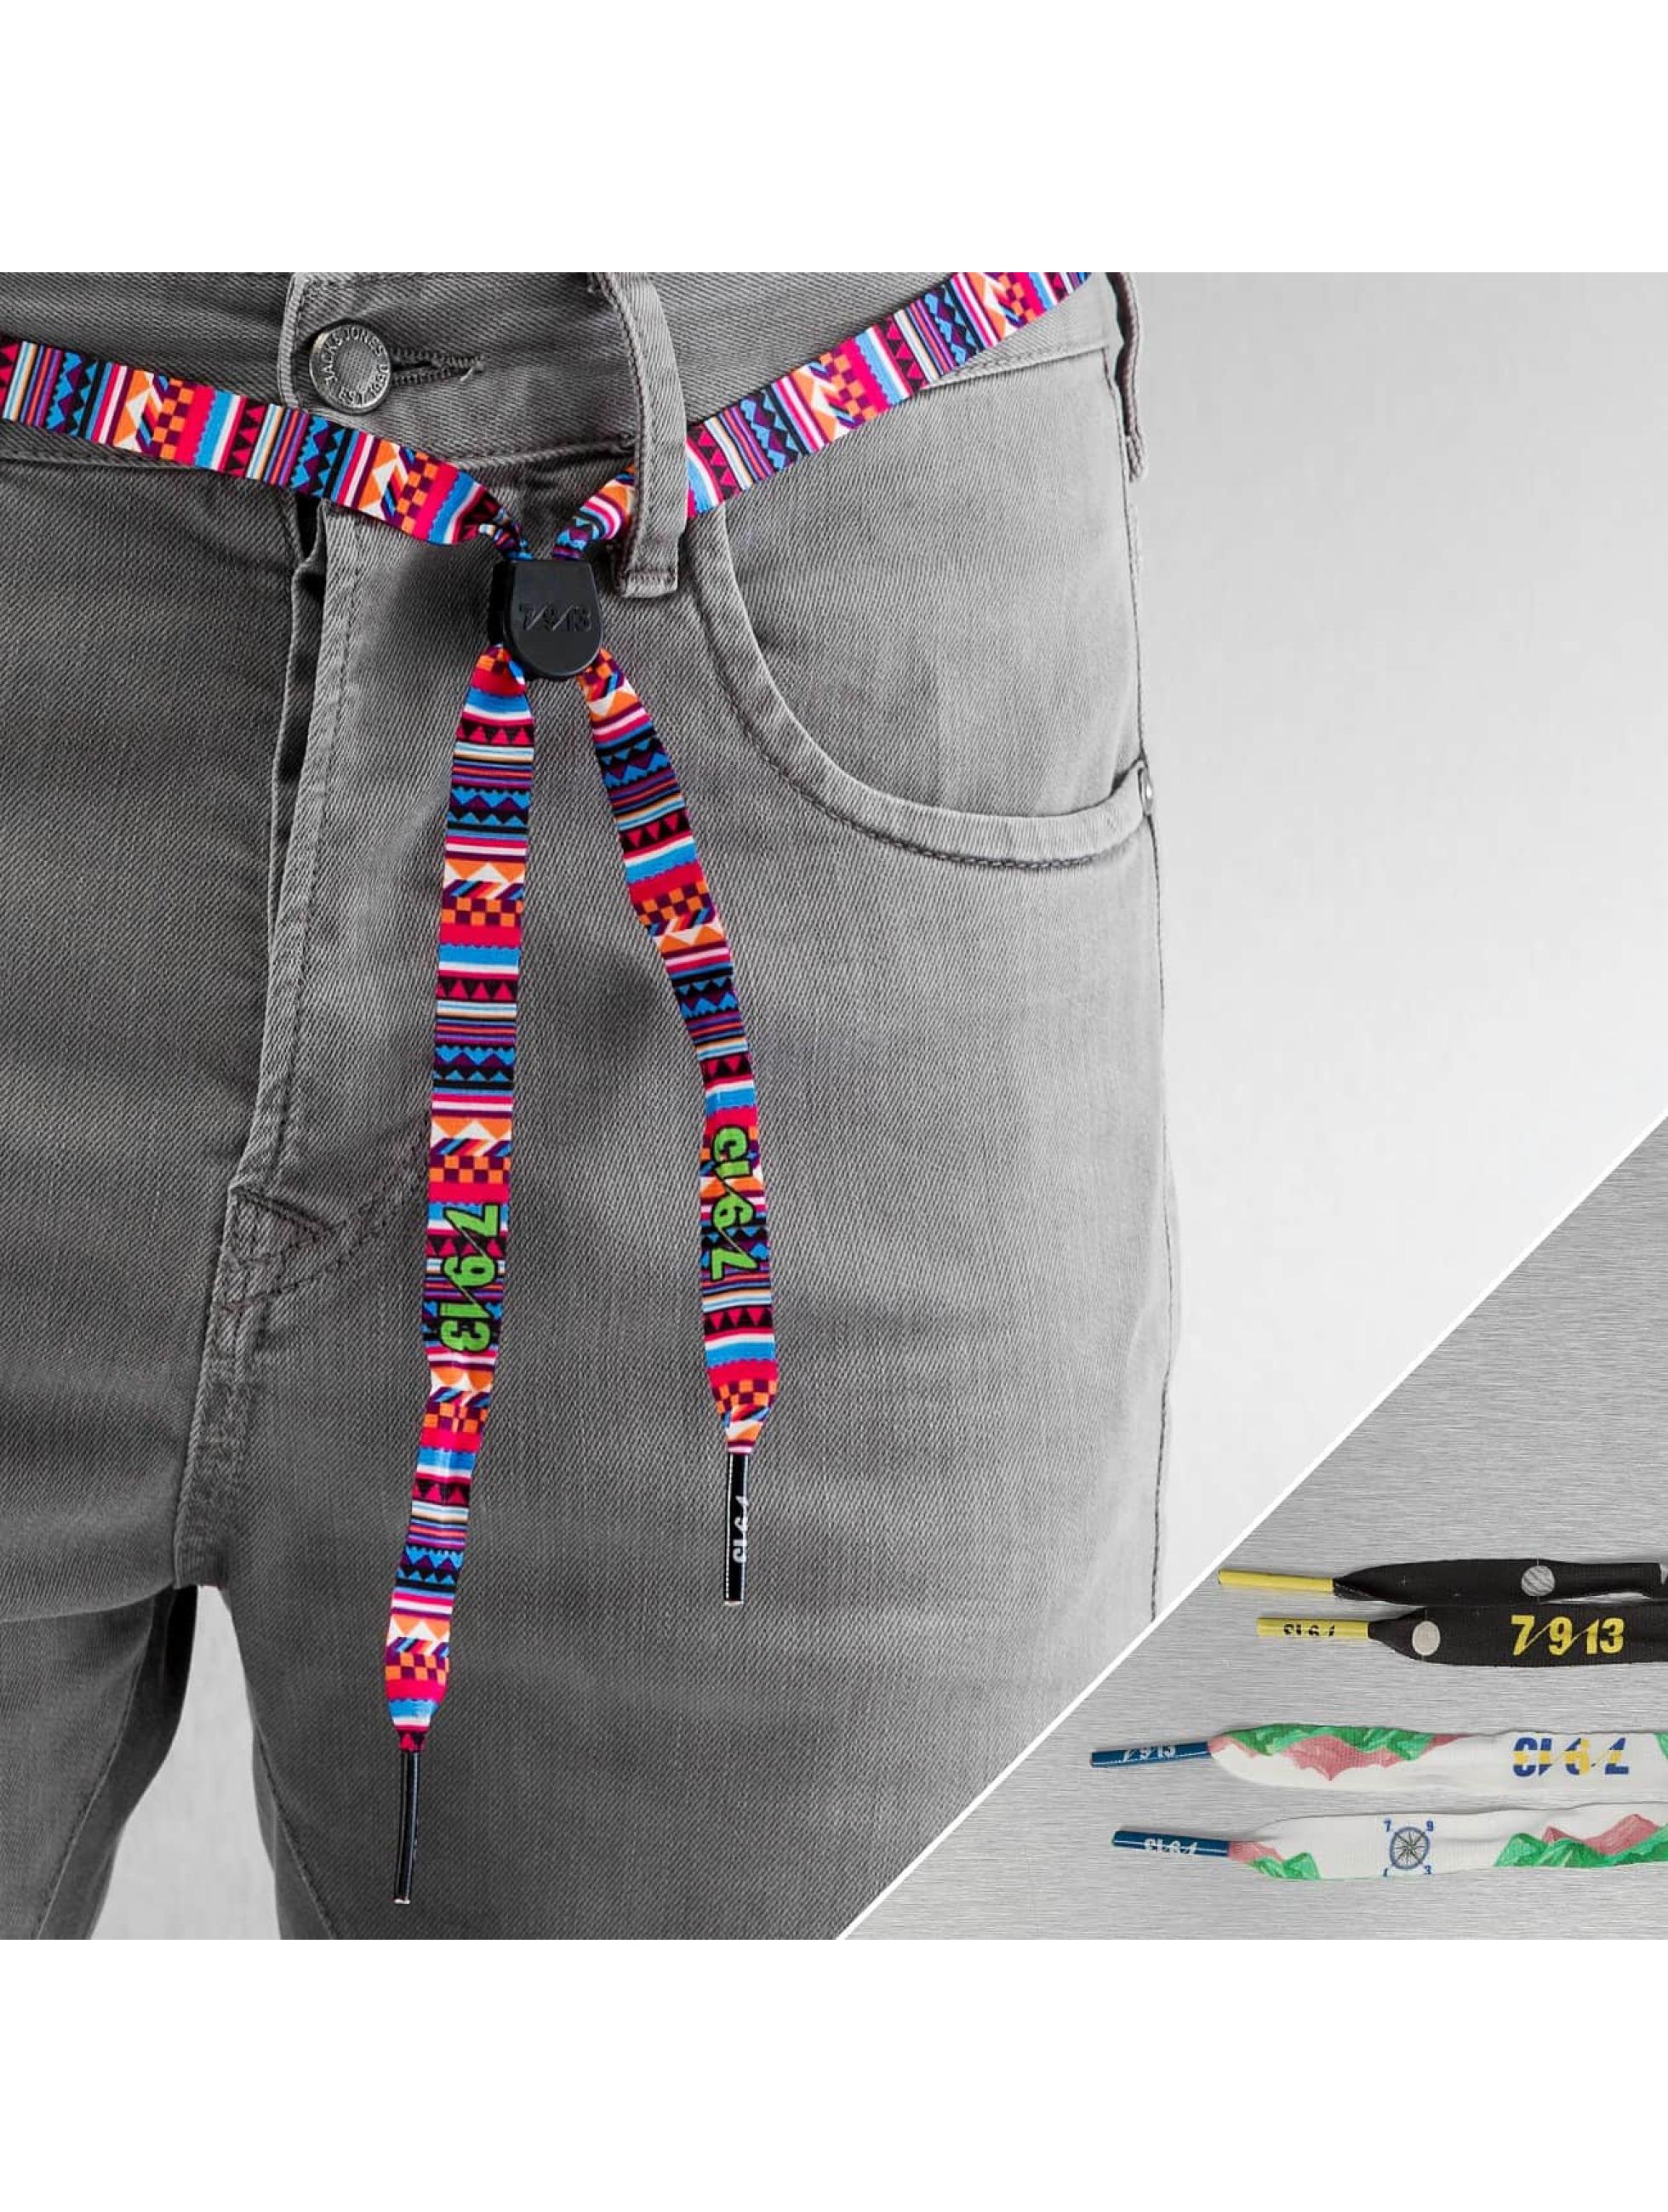 Seven Nine 13 Belt Albert Nyberg 3er Pack colored